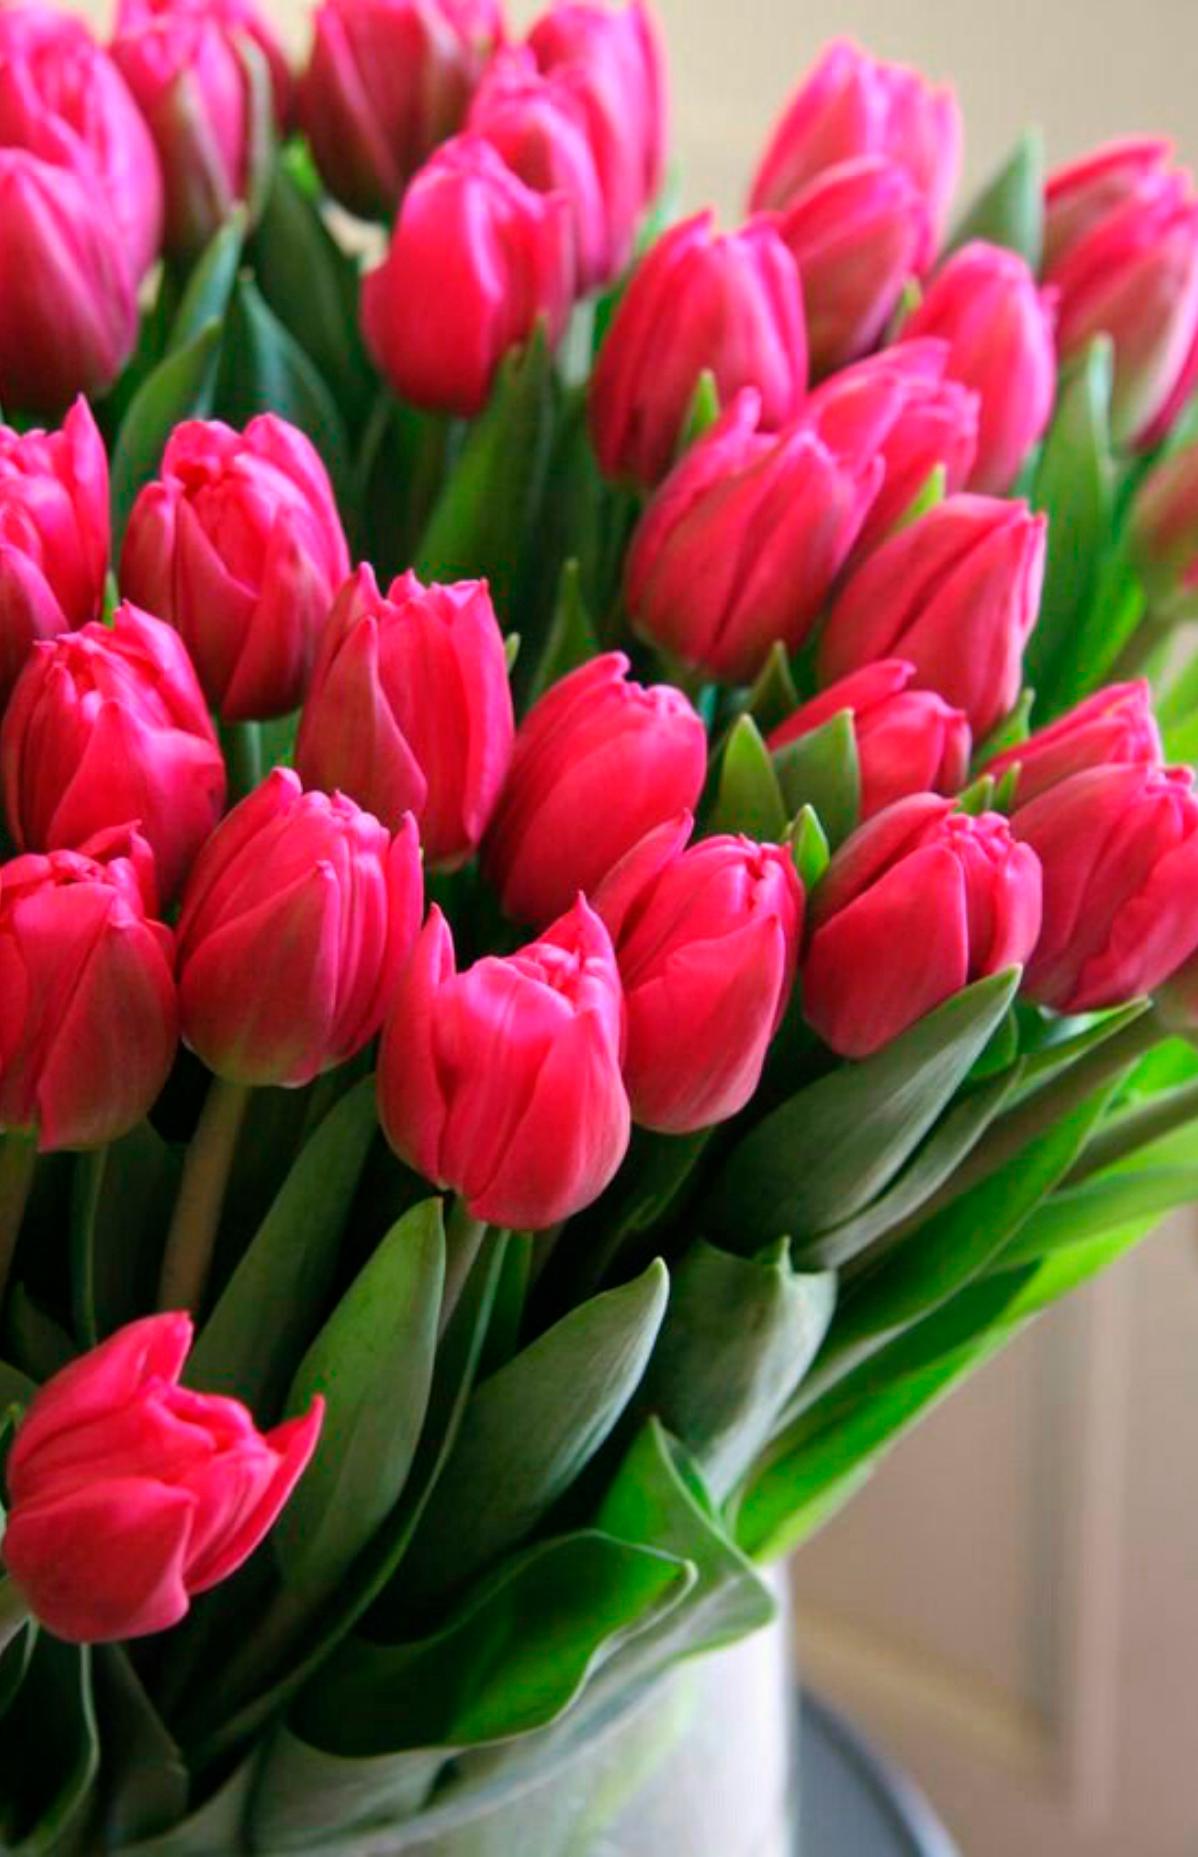 tulip-photo-158